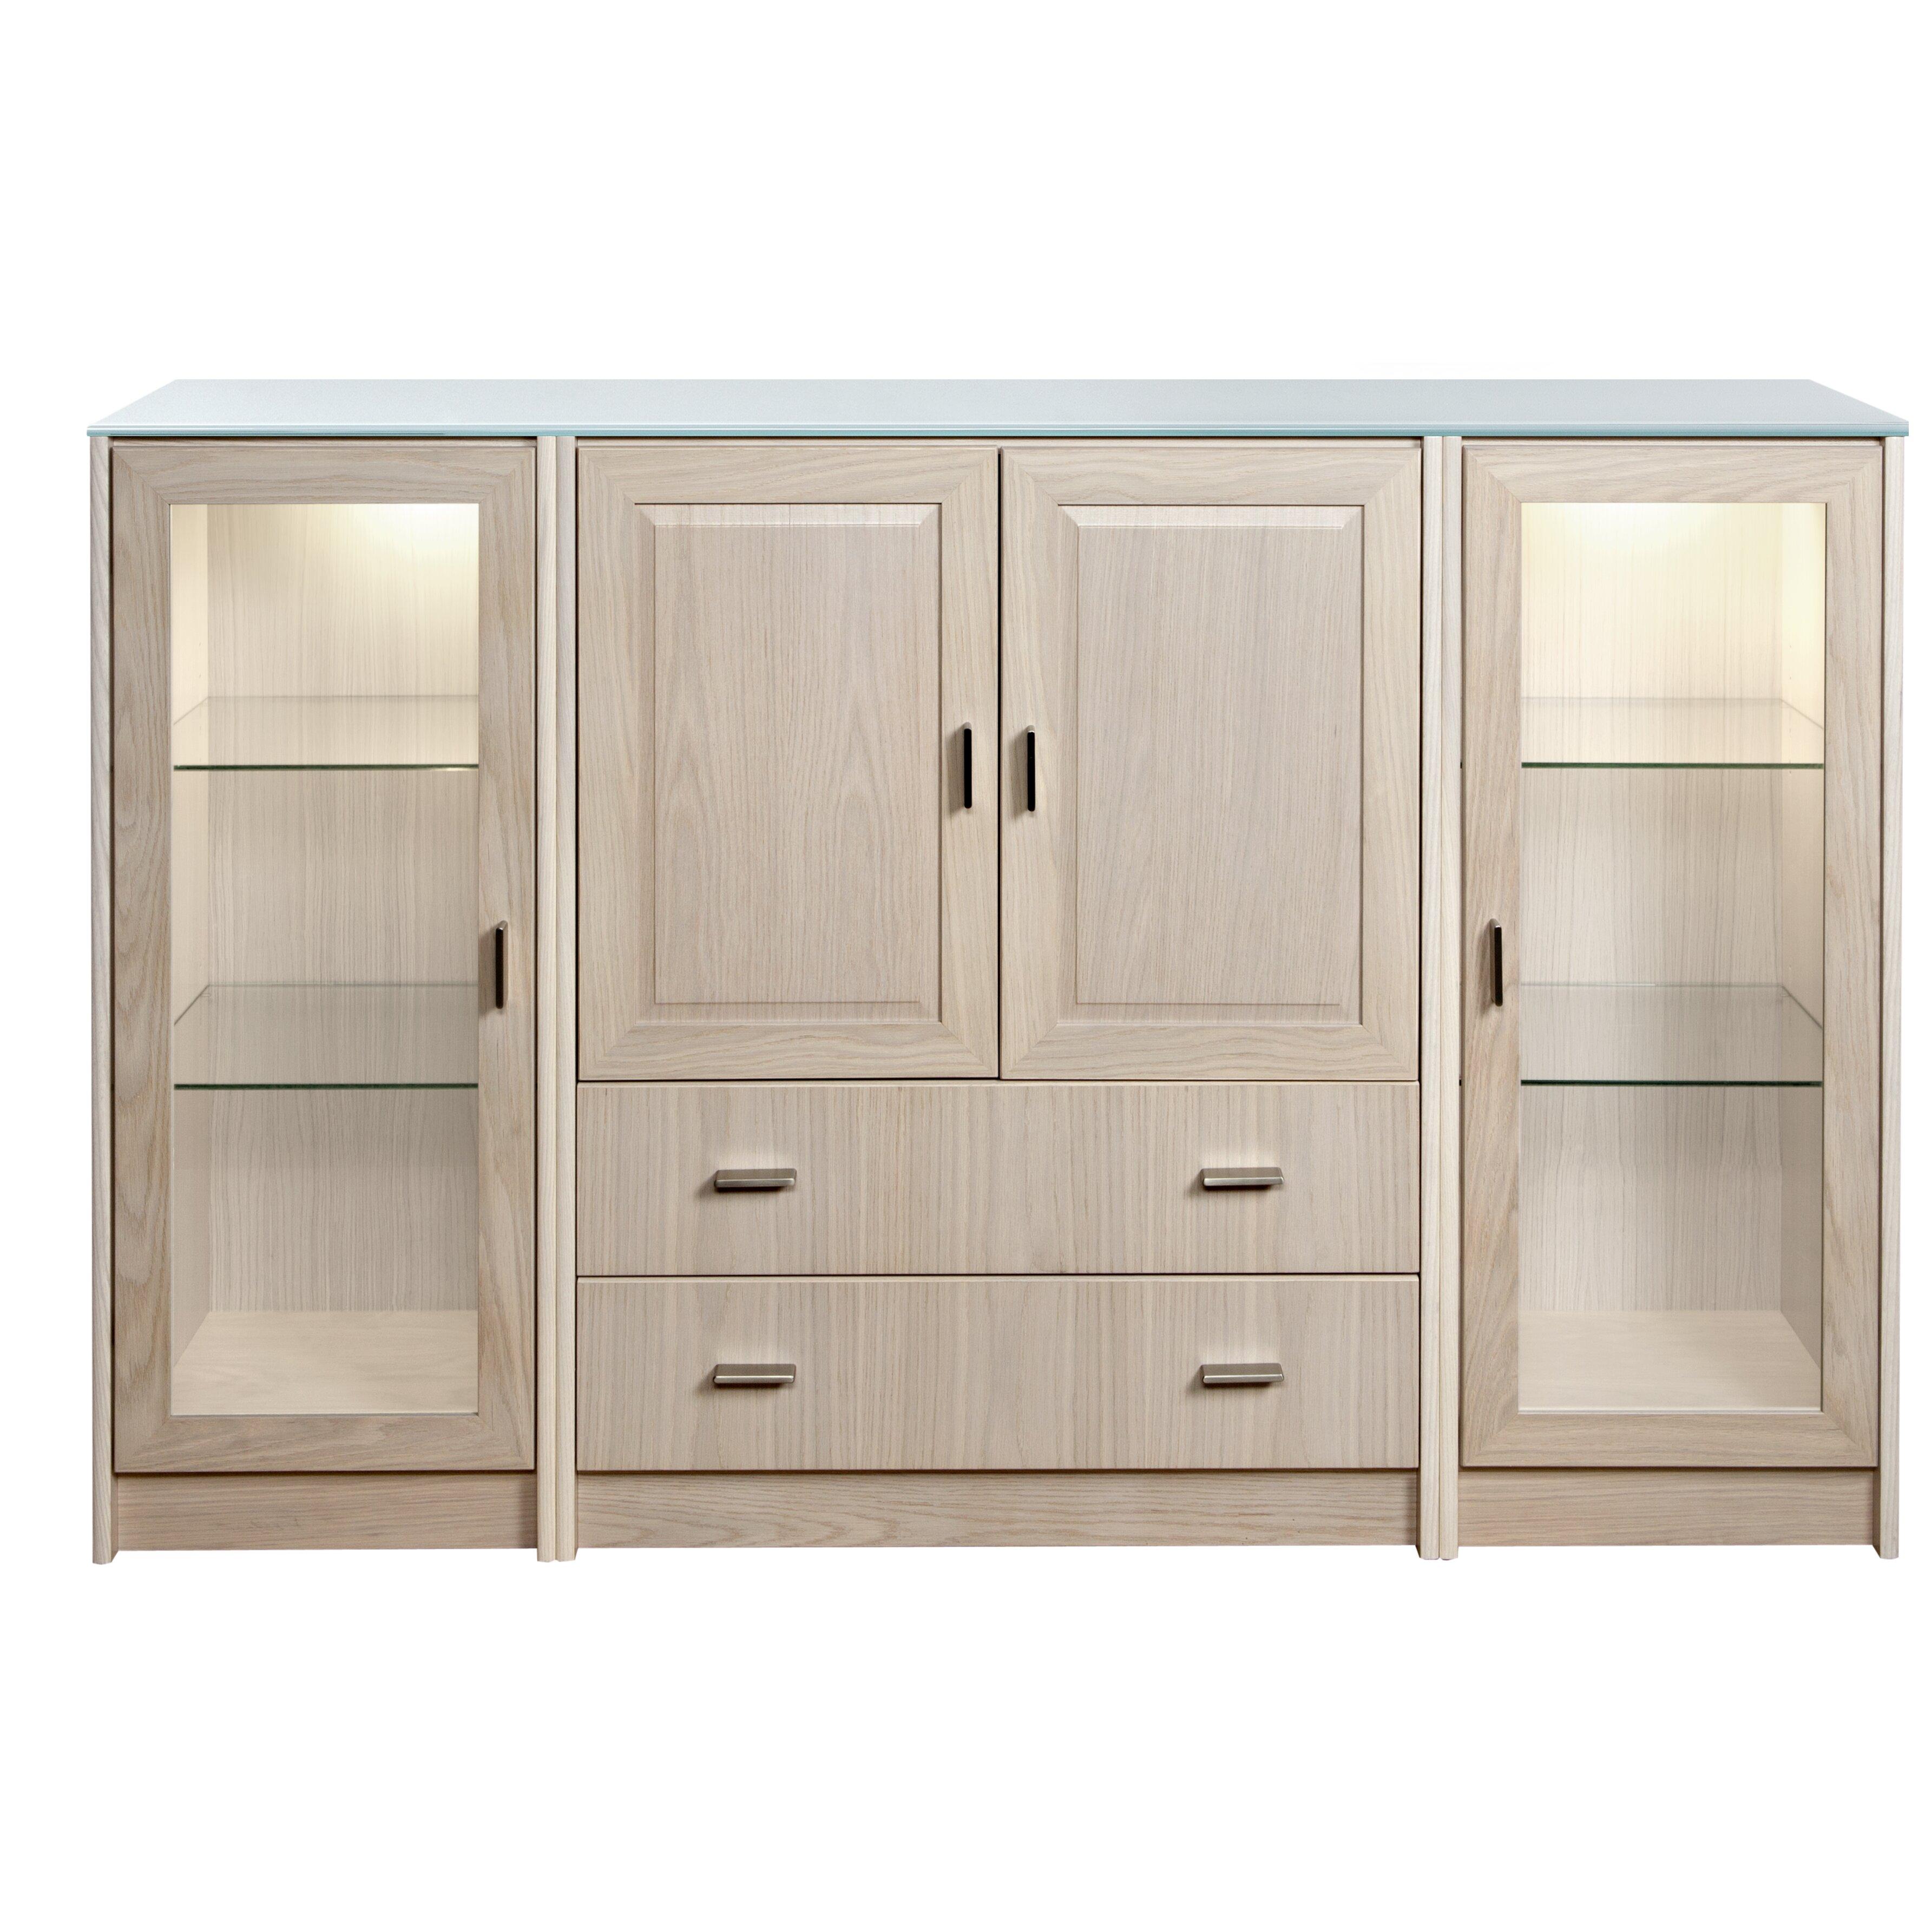 Dcor design regal 4 door 2 drawer sideboard for Sideboard regal